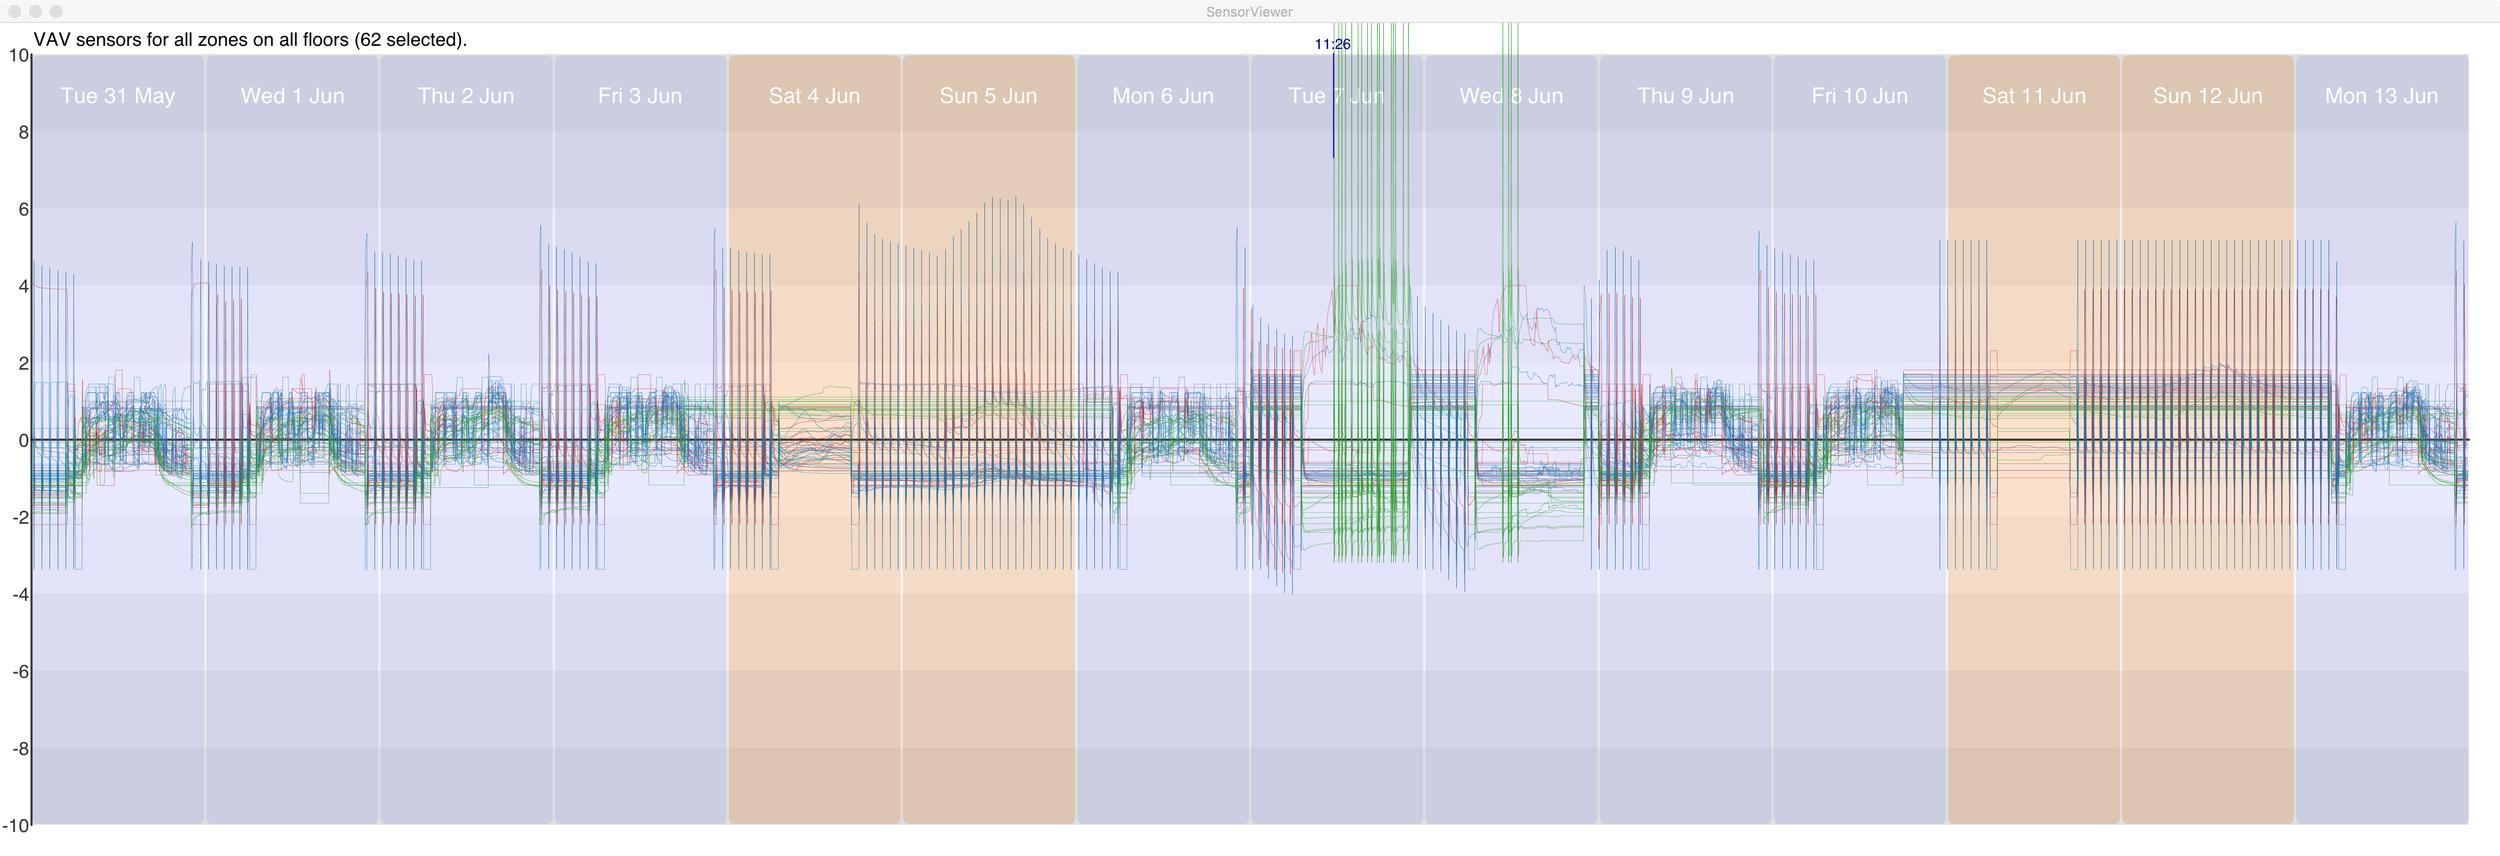 Figure 10  VAV sensor readings.  (click image for full size)